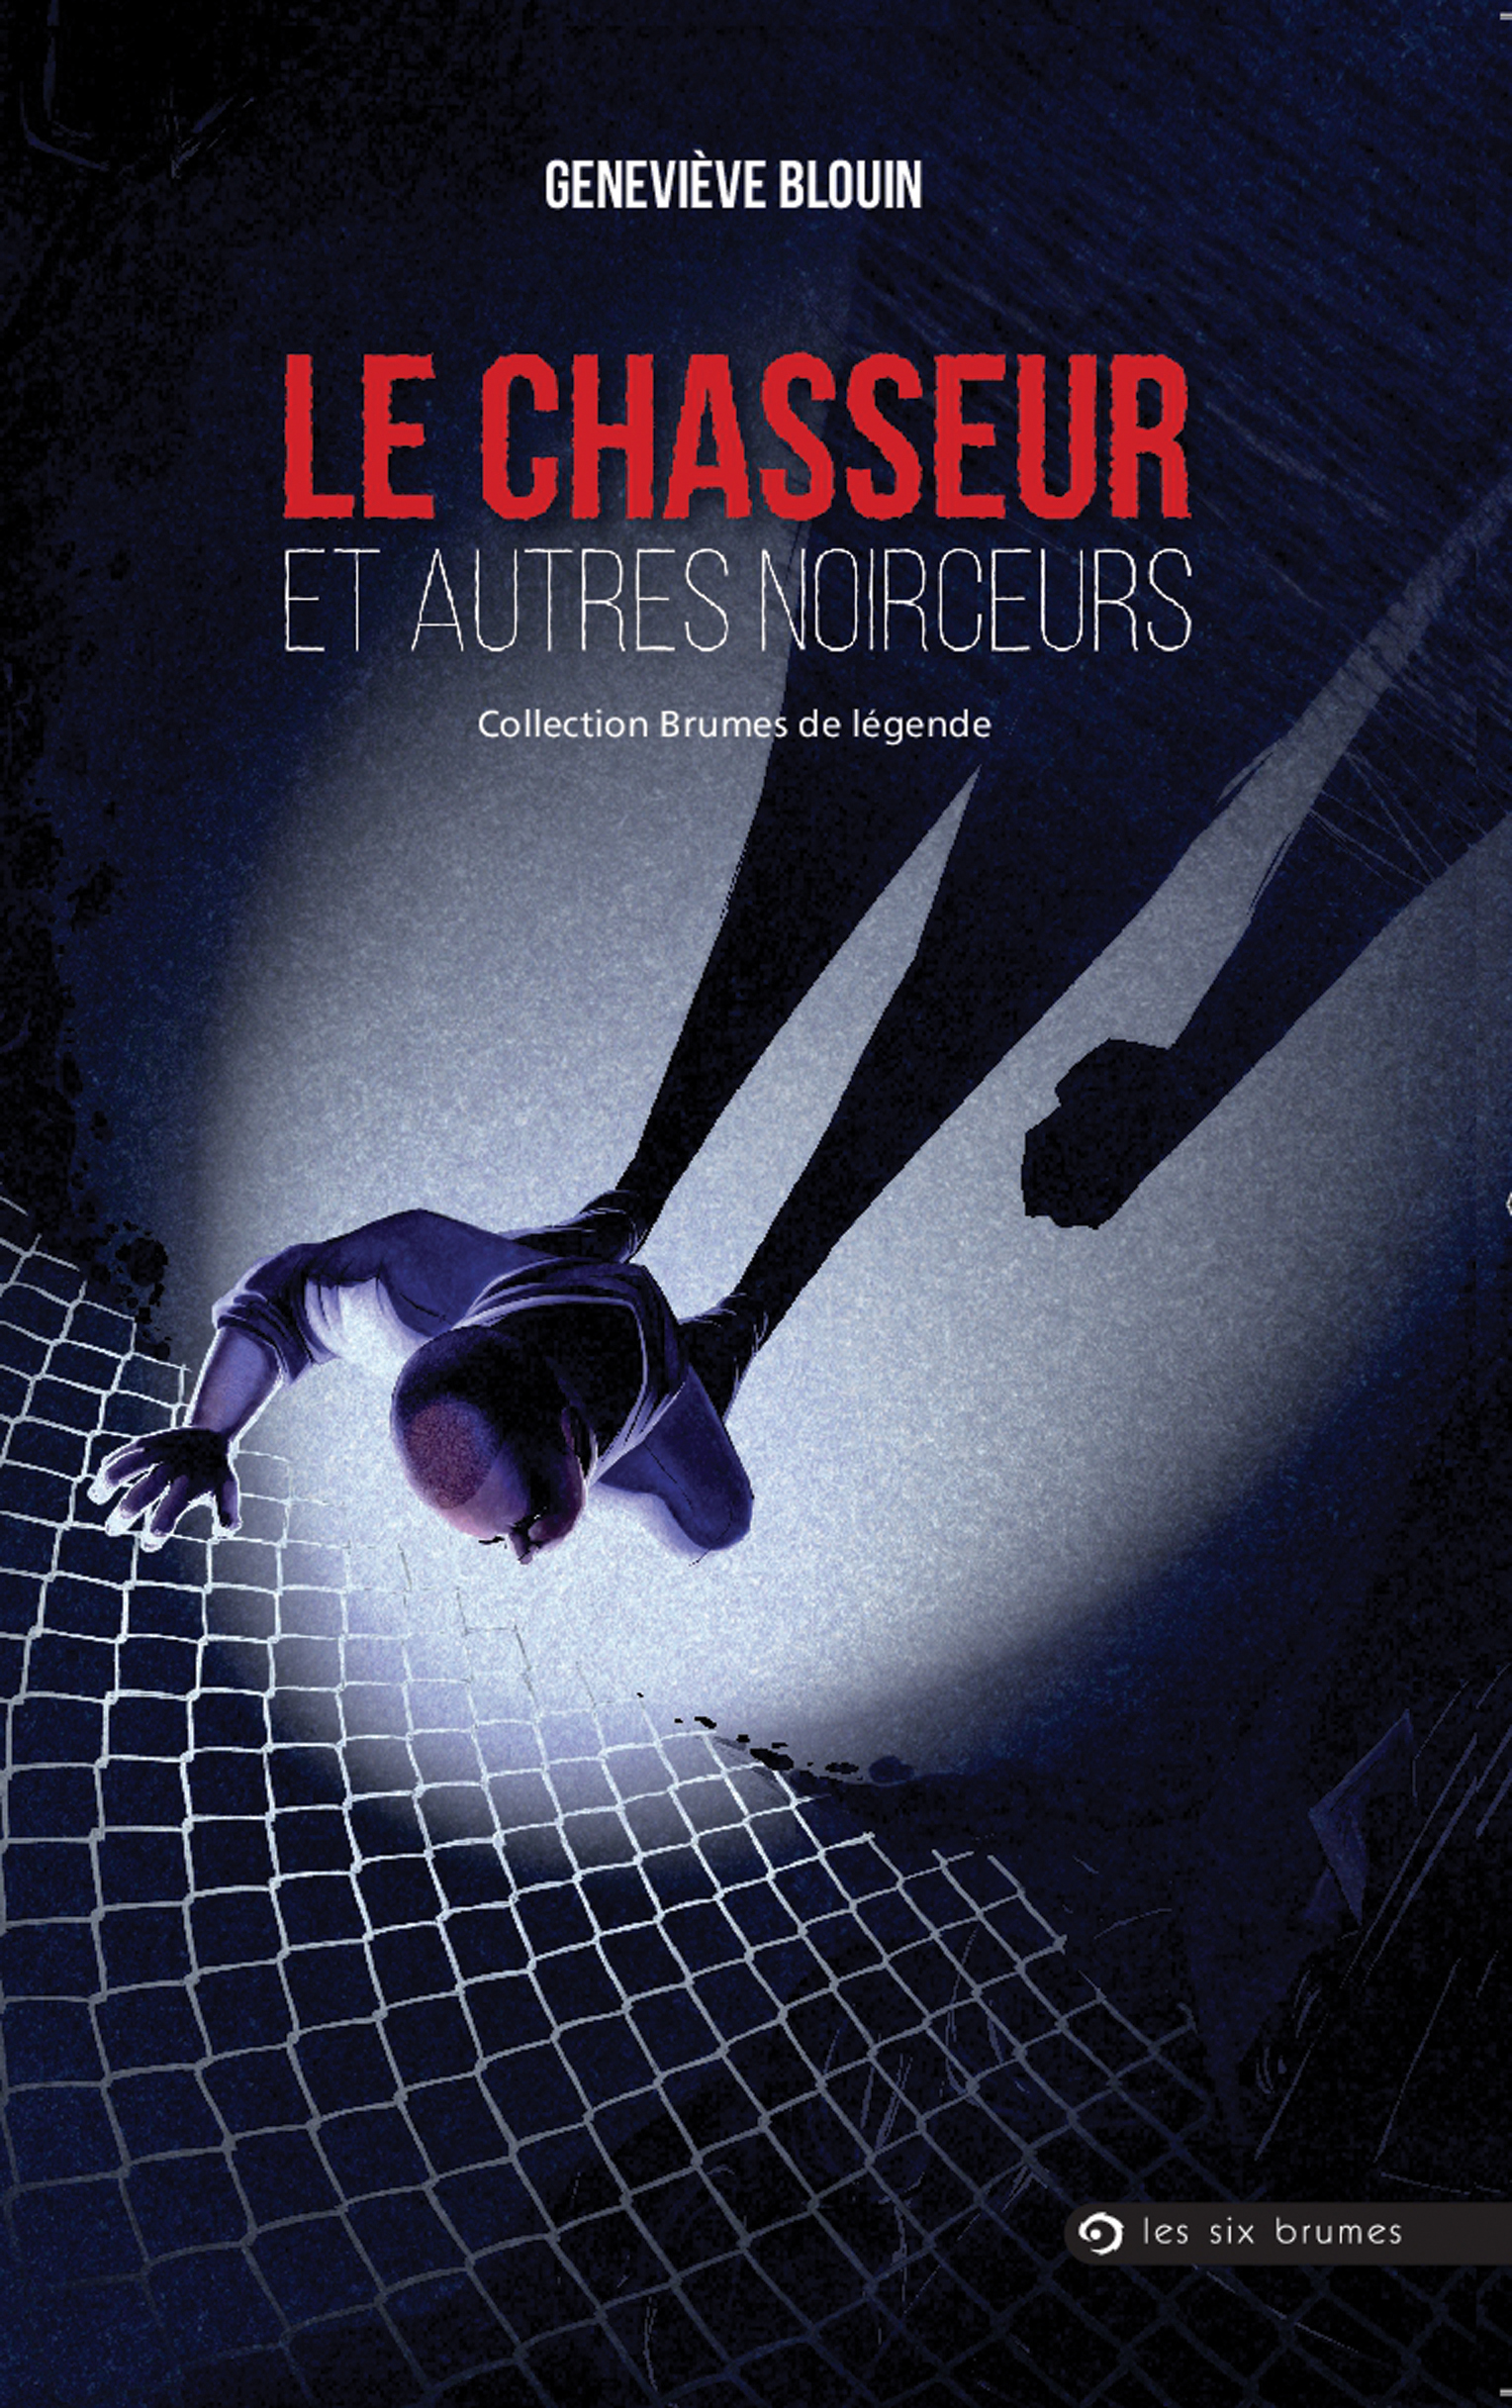 Le Chasseur et autres noirceurs, recueil de nouvelles fantastiques de Geneviève Blouin